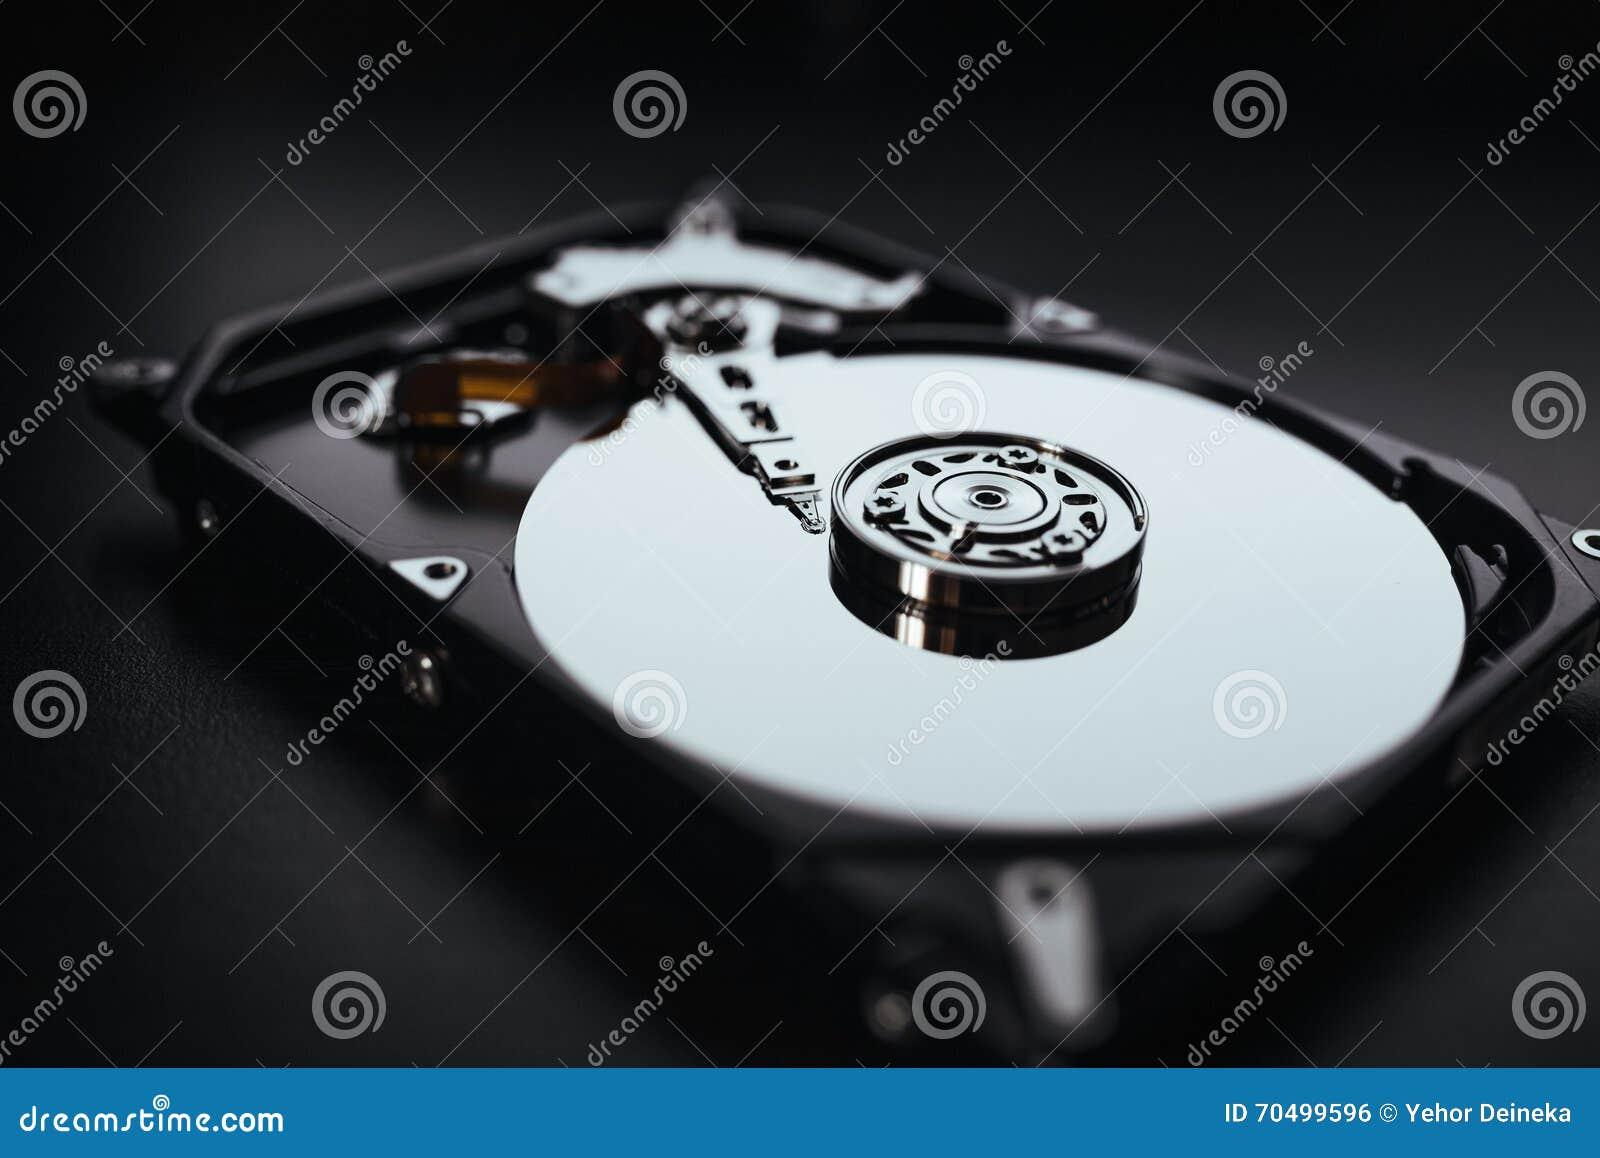 Αποσυντεθειμένος σκληρός δίσκος από τον υπολογιστή (hdd) με τα αποτελέσματα καθρεφτών Μέρος του υπολογιστή (PC, lap-top)